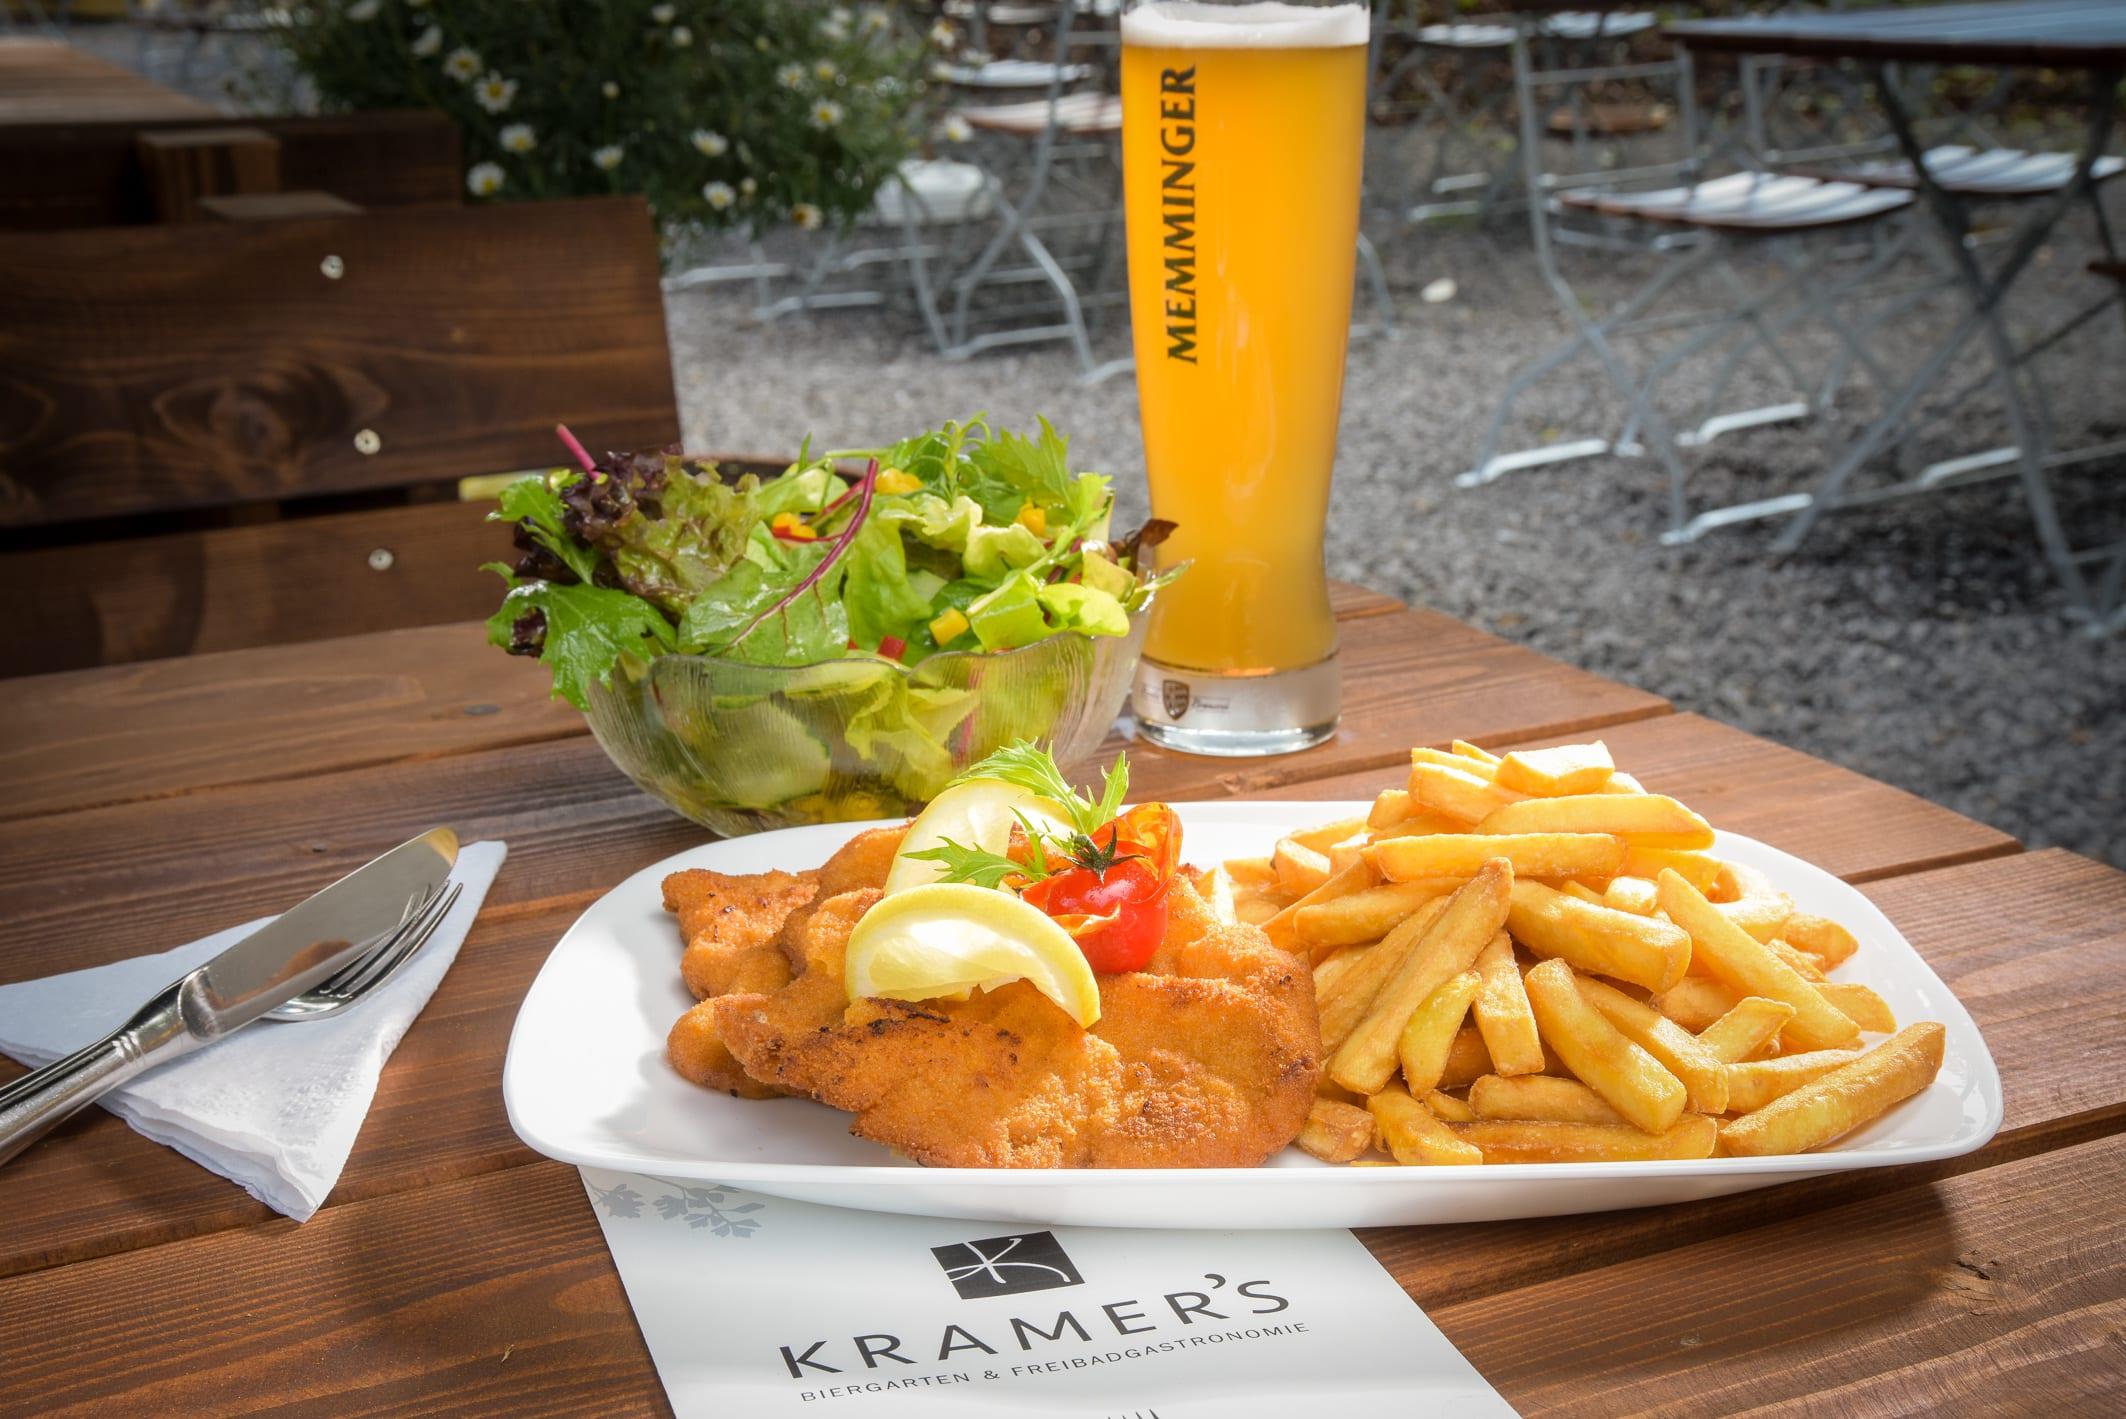 Schnitzel mit Pommes Kramers Biergarten und Freibadgastronomie